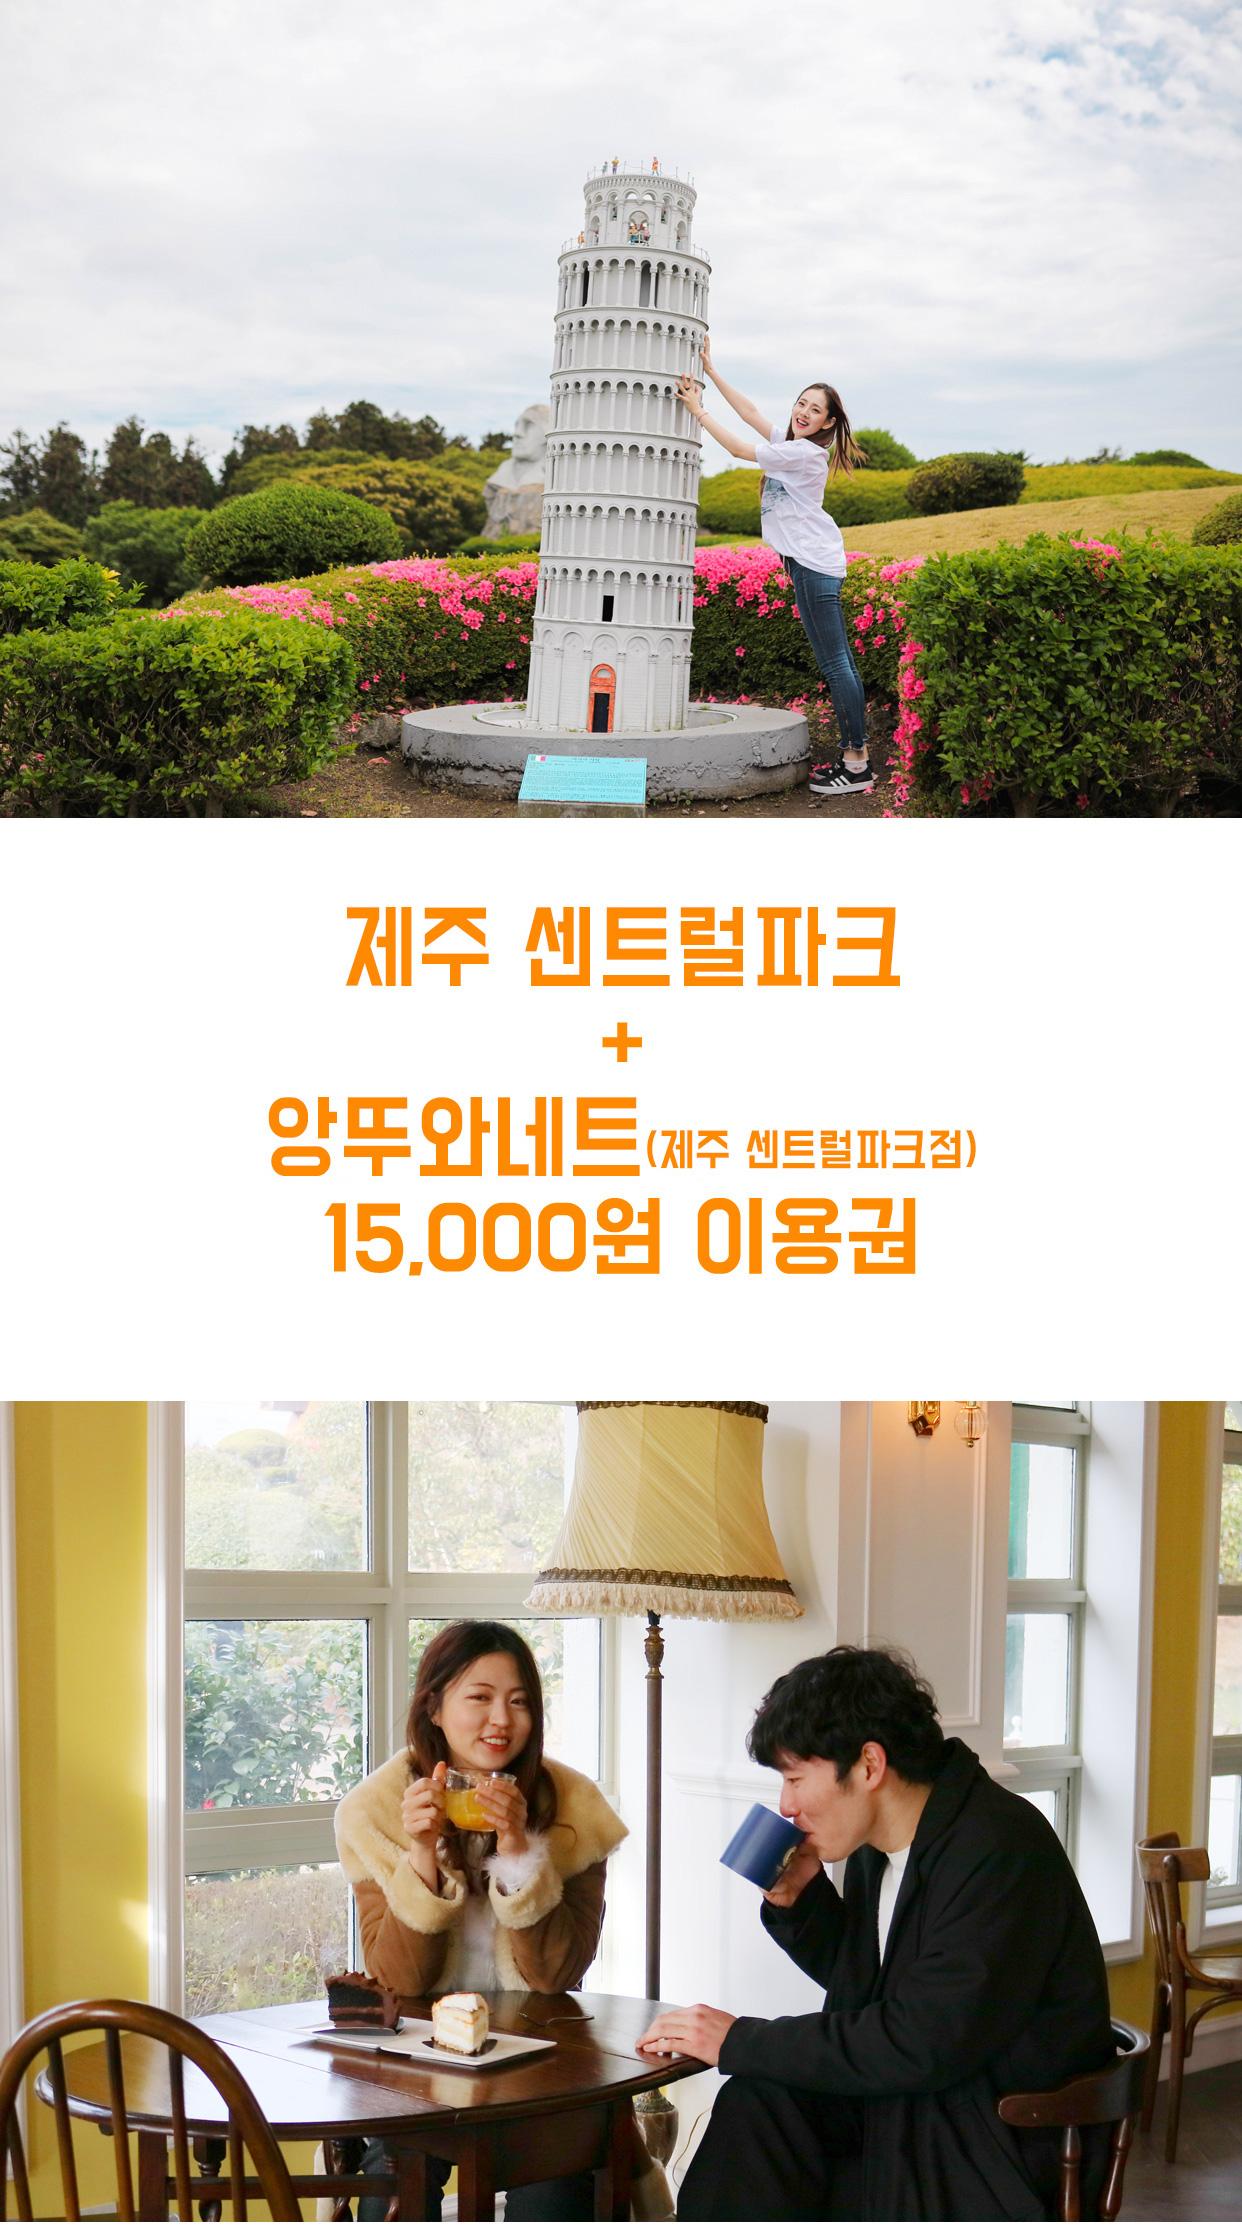 미니랜드+앙뚜와네트-만오천원.jpg